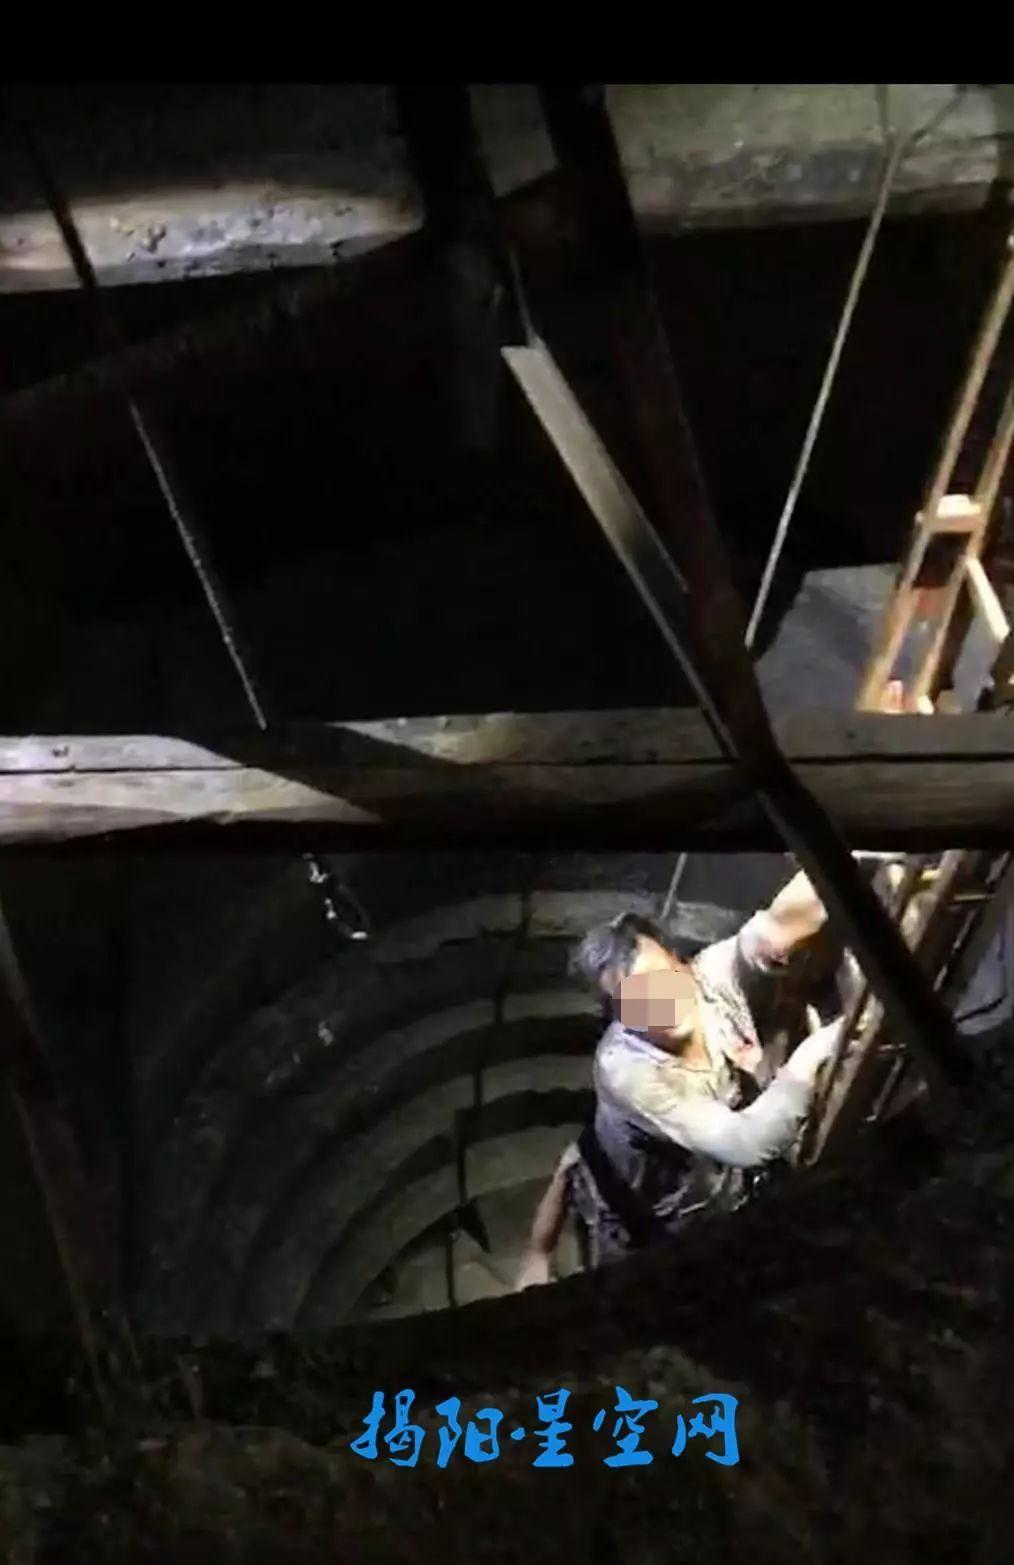 男子坠入20米深井五日 不停呼喊敲击终获救(图)_腾讯网